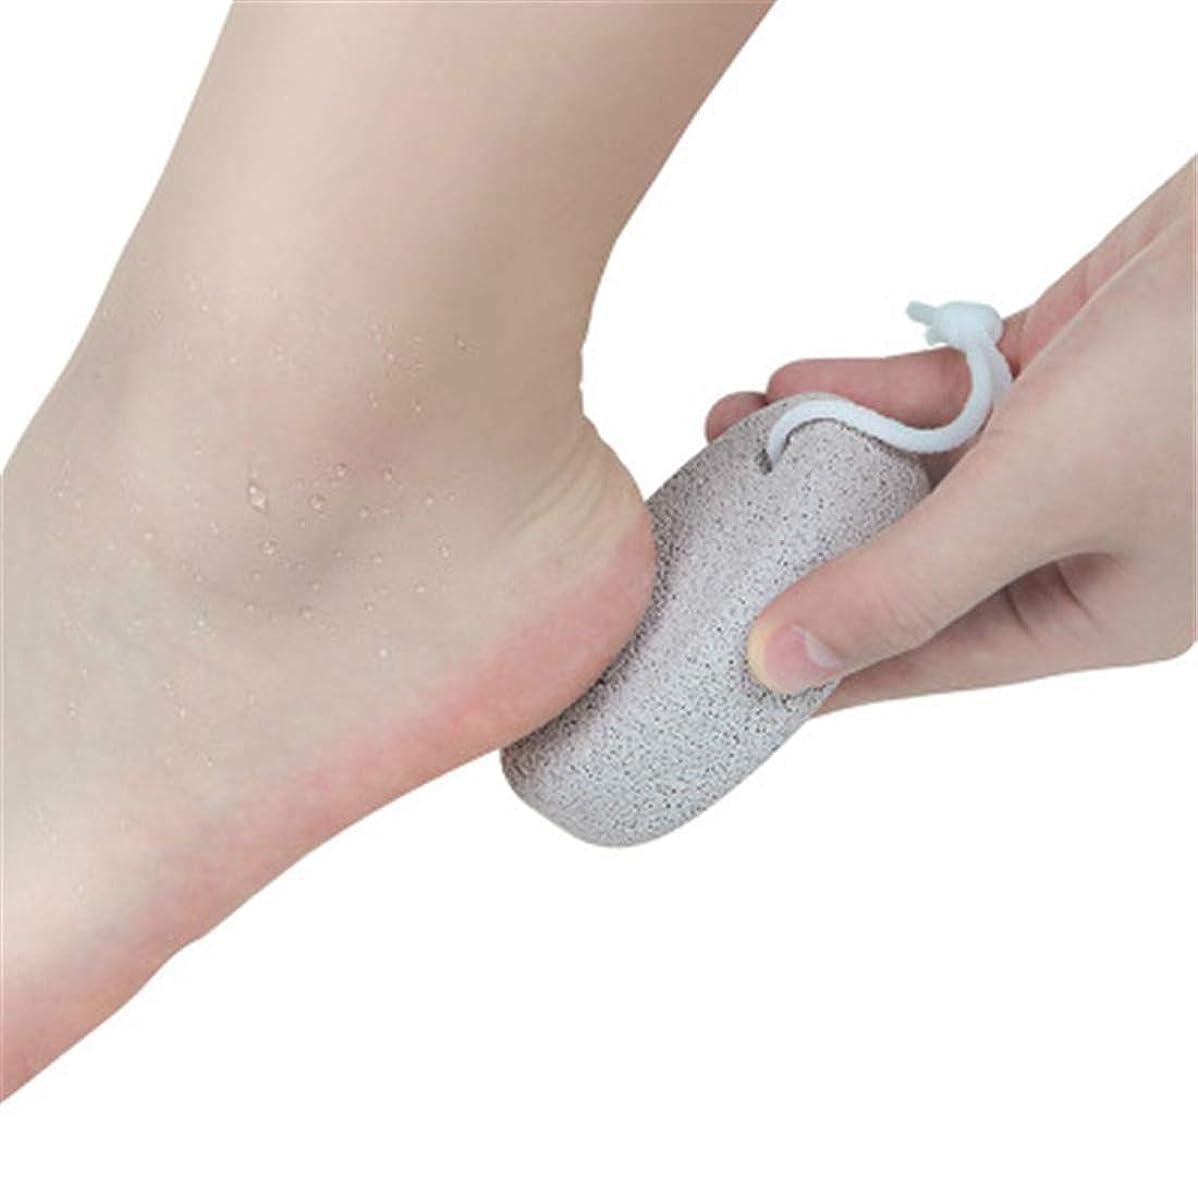 原油ベーコンセミナー足の平らな滑らかなフットケアツールを剥離するために死んだ肌マッサージ両面足ひれへの天然軽石足ペディキュア